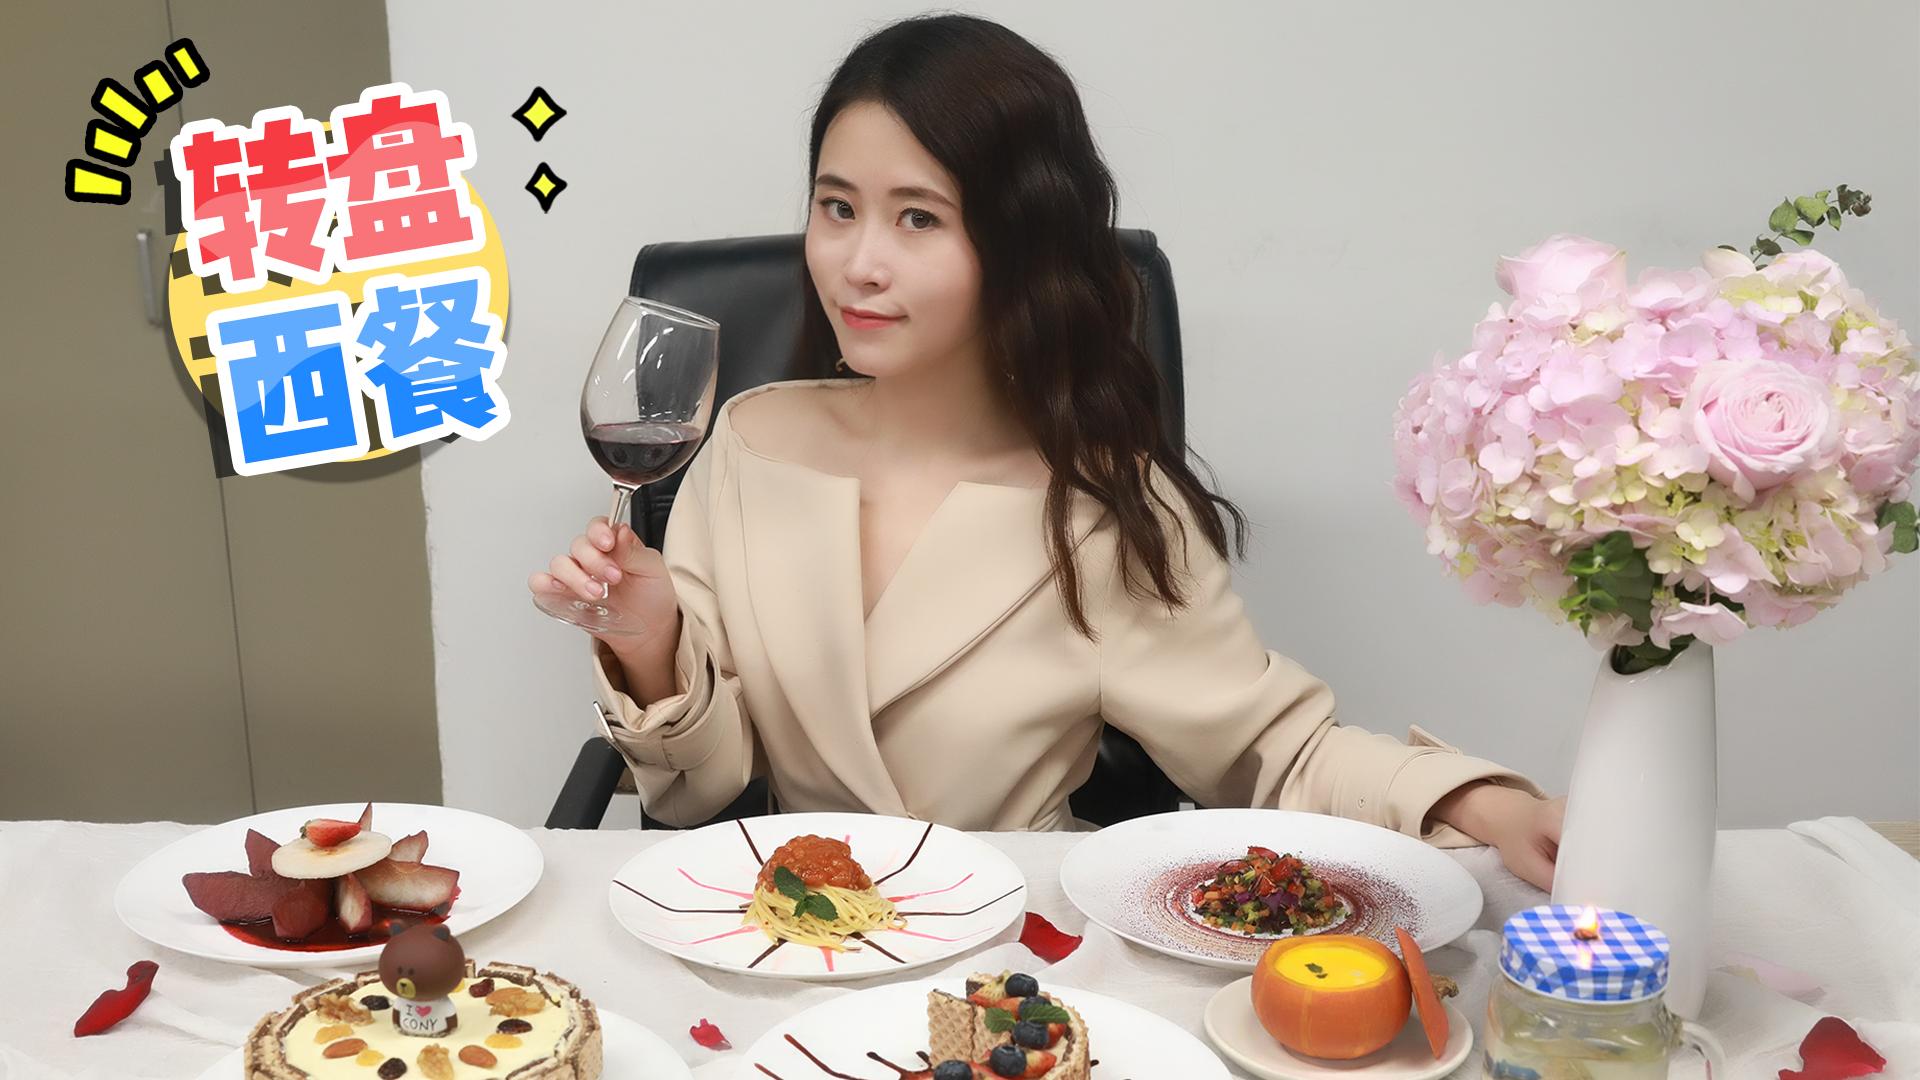 办公室小野_20181026_创意转盘西餐